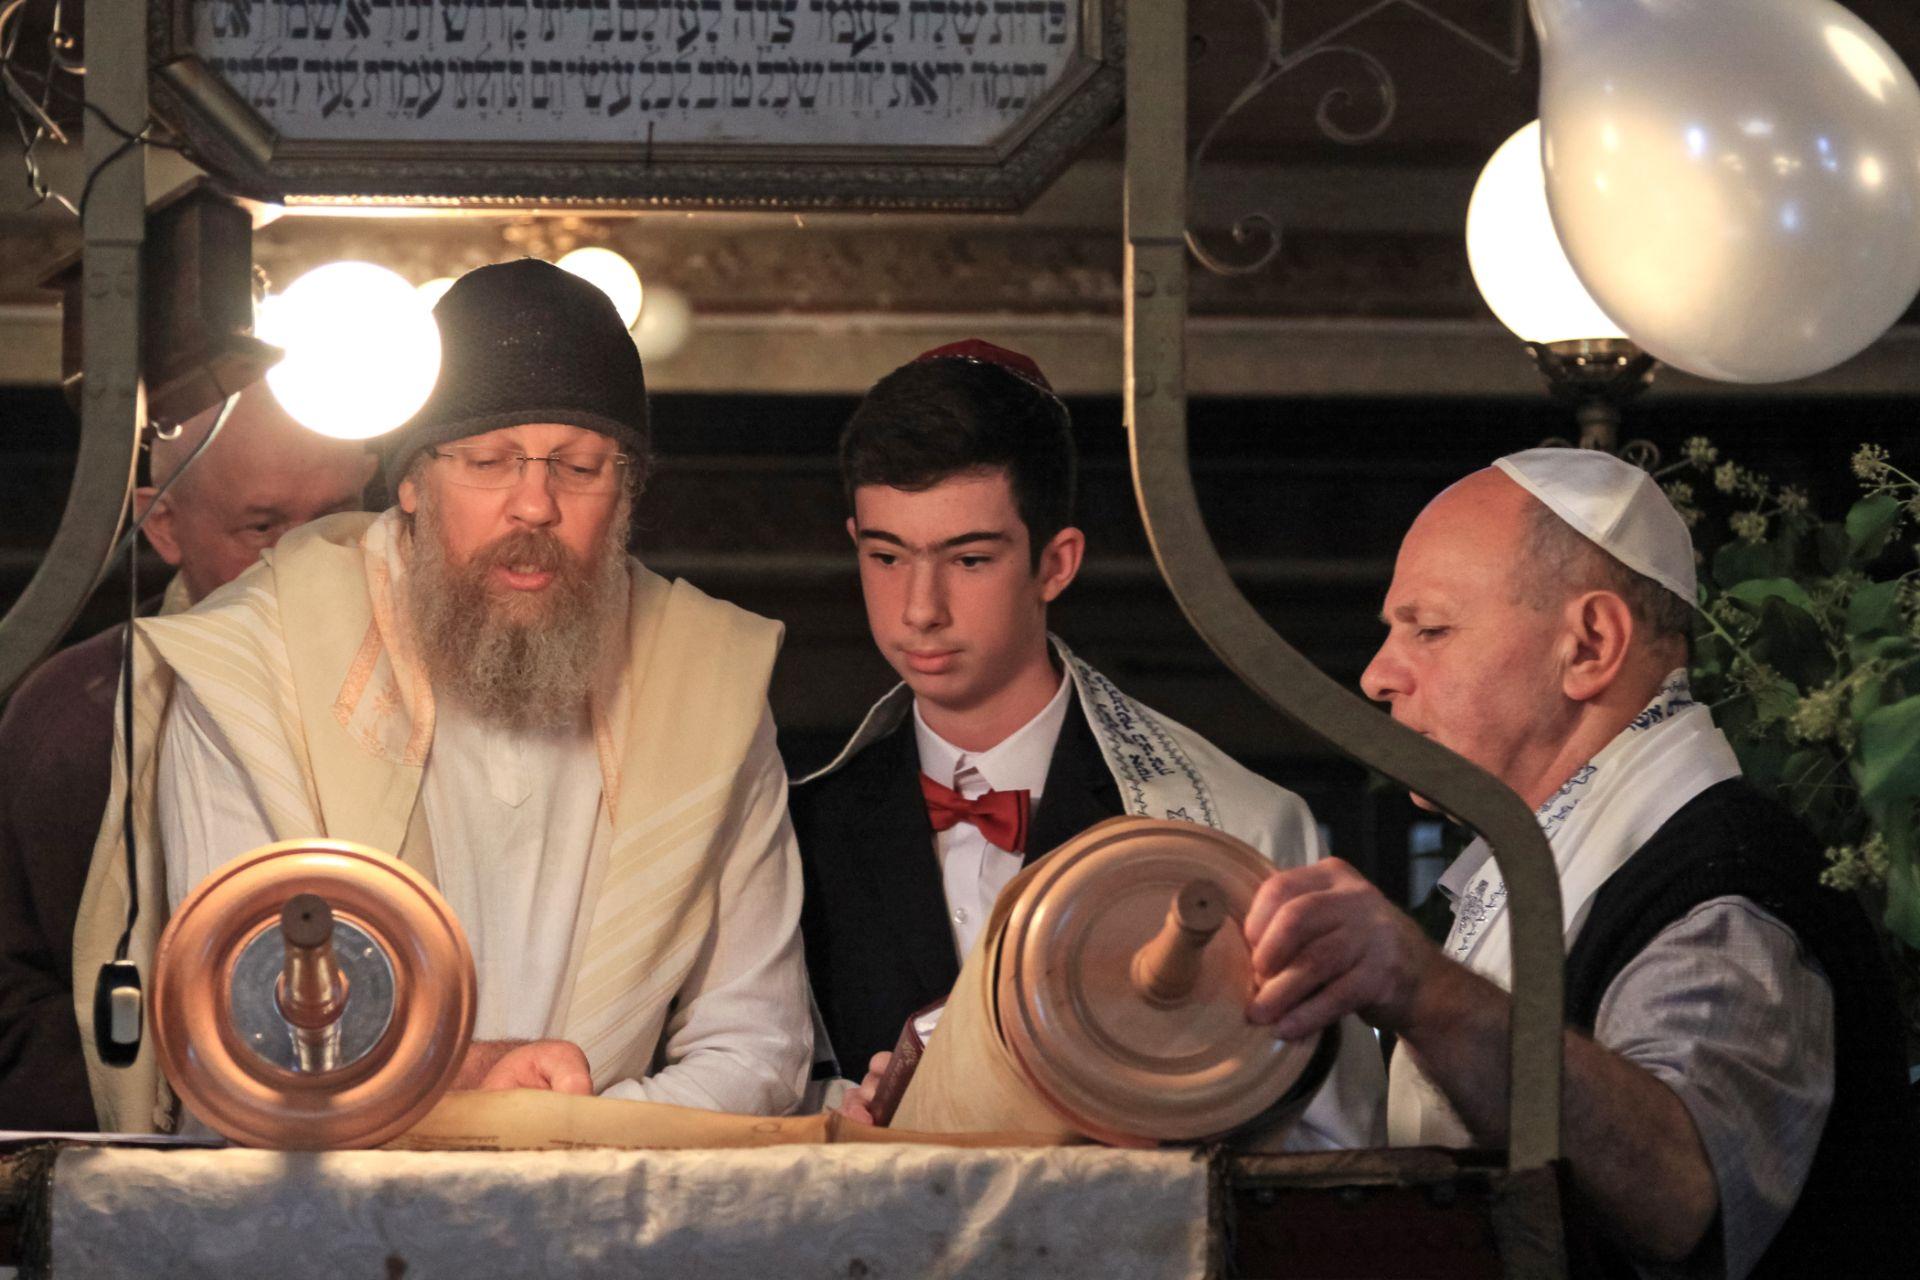 Viața religioasă în Timișoara Azi